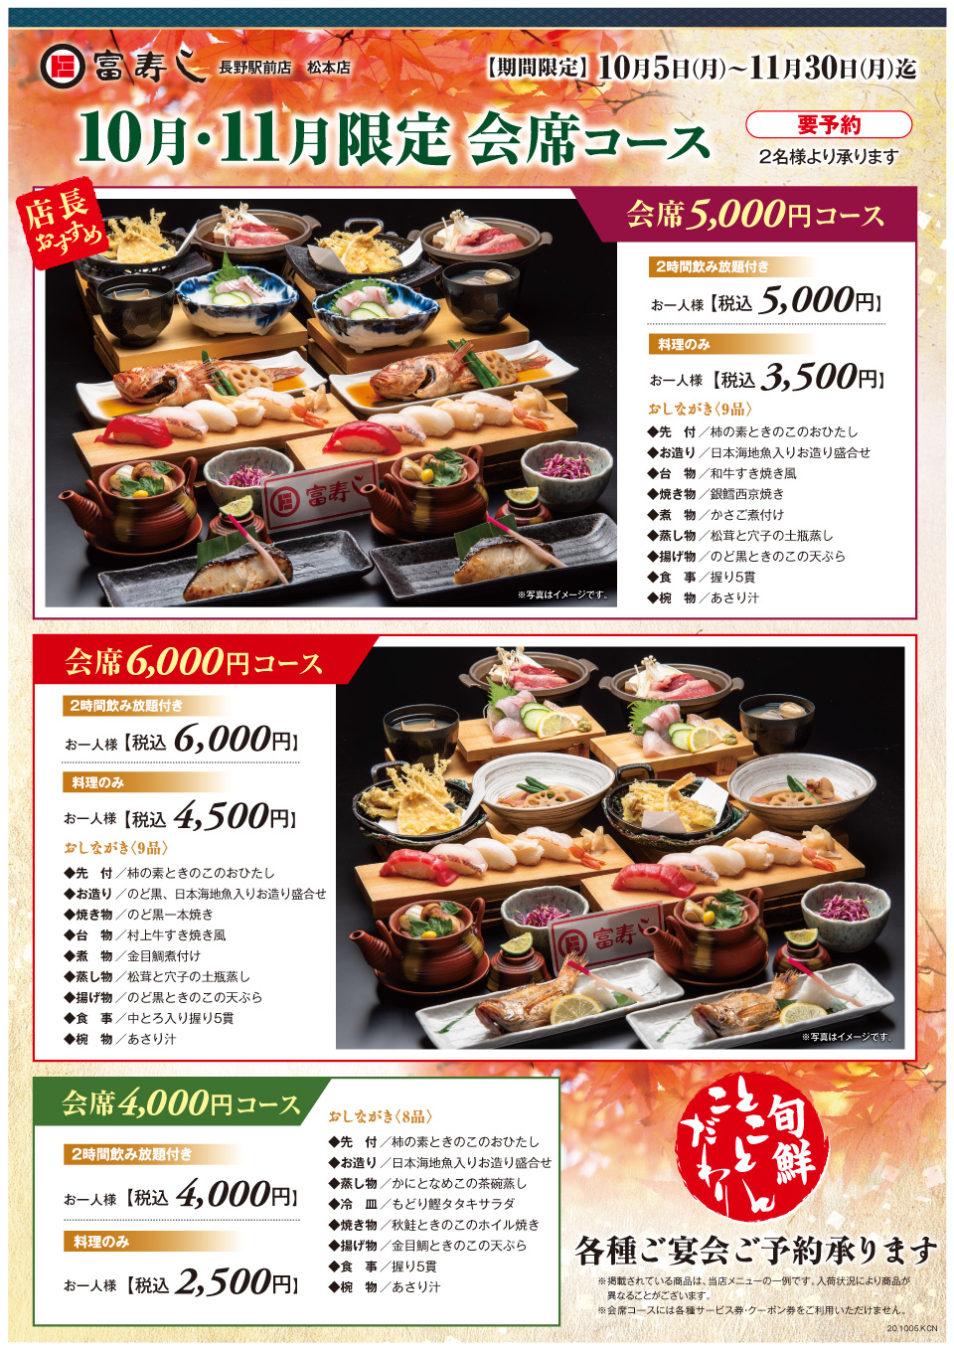 10・11月限定 会席コース【長野駅前店・松本店】